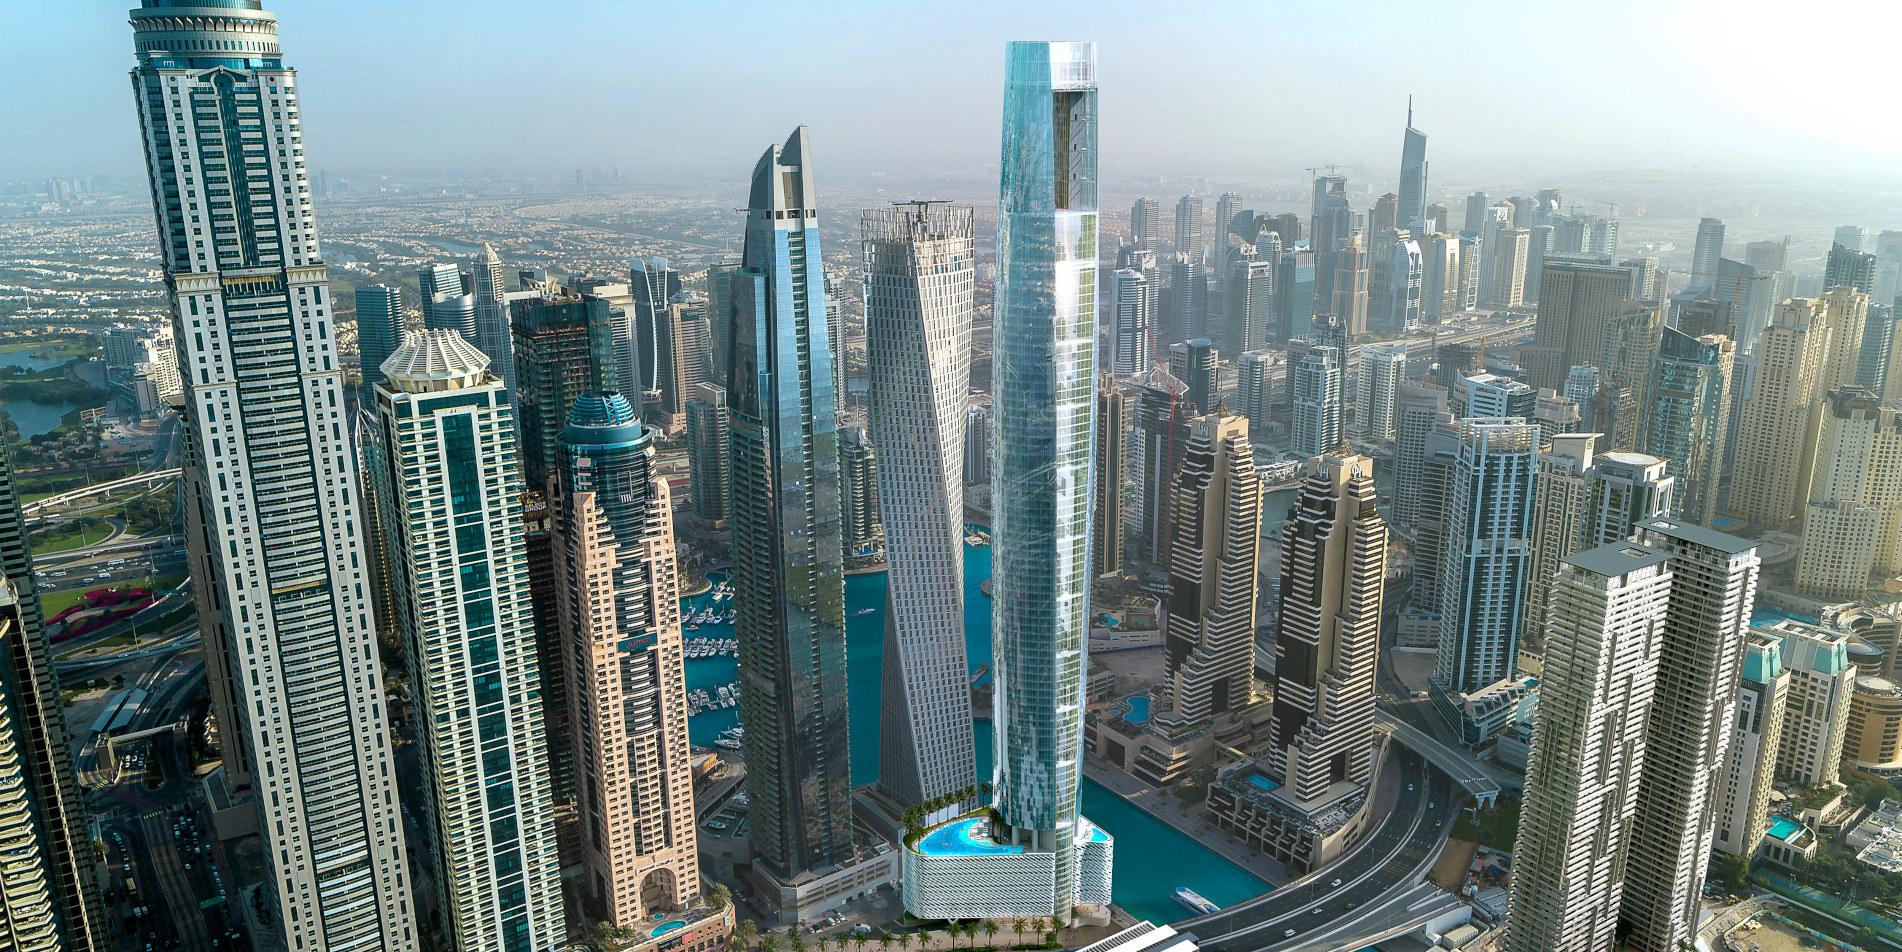 Chiêm ngưỡng siêu khách sạn cao nhất thế giới tại Dubai - Ảnh 8.